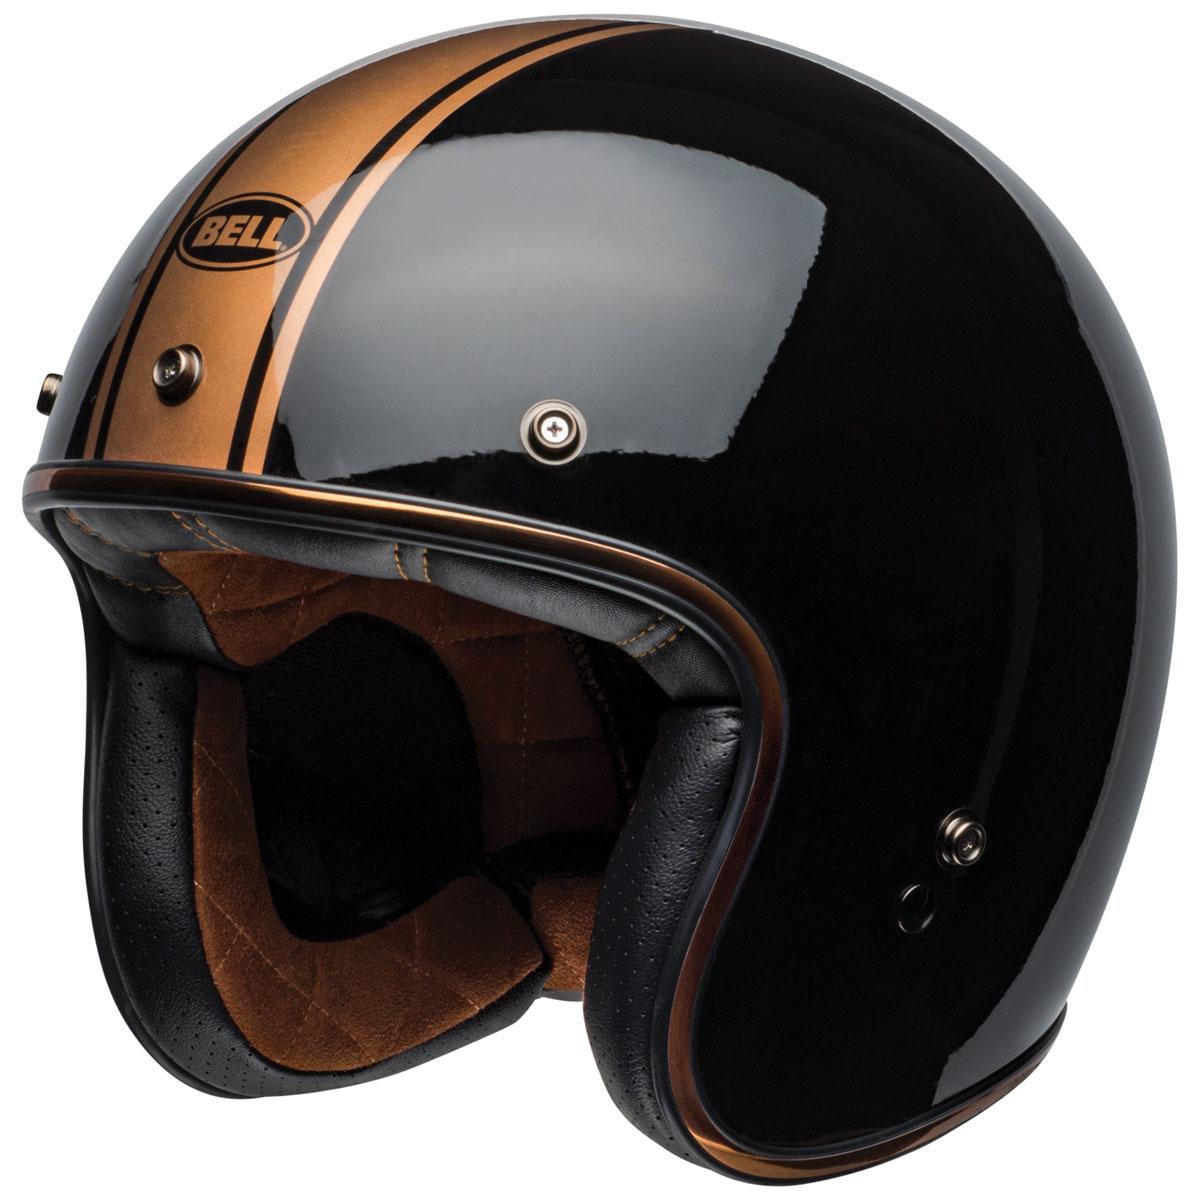 Bell Custom 500 Rally Gloss Black/Bronze Open Face Helmet